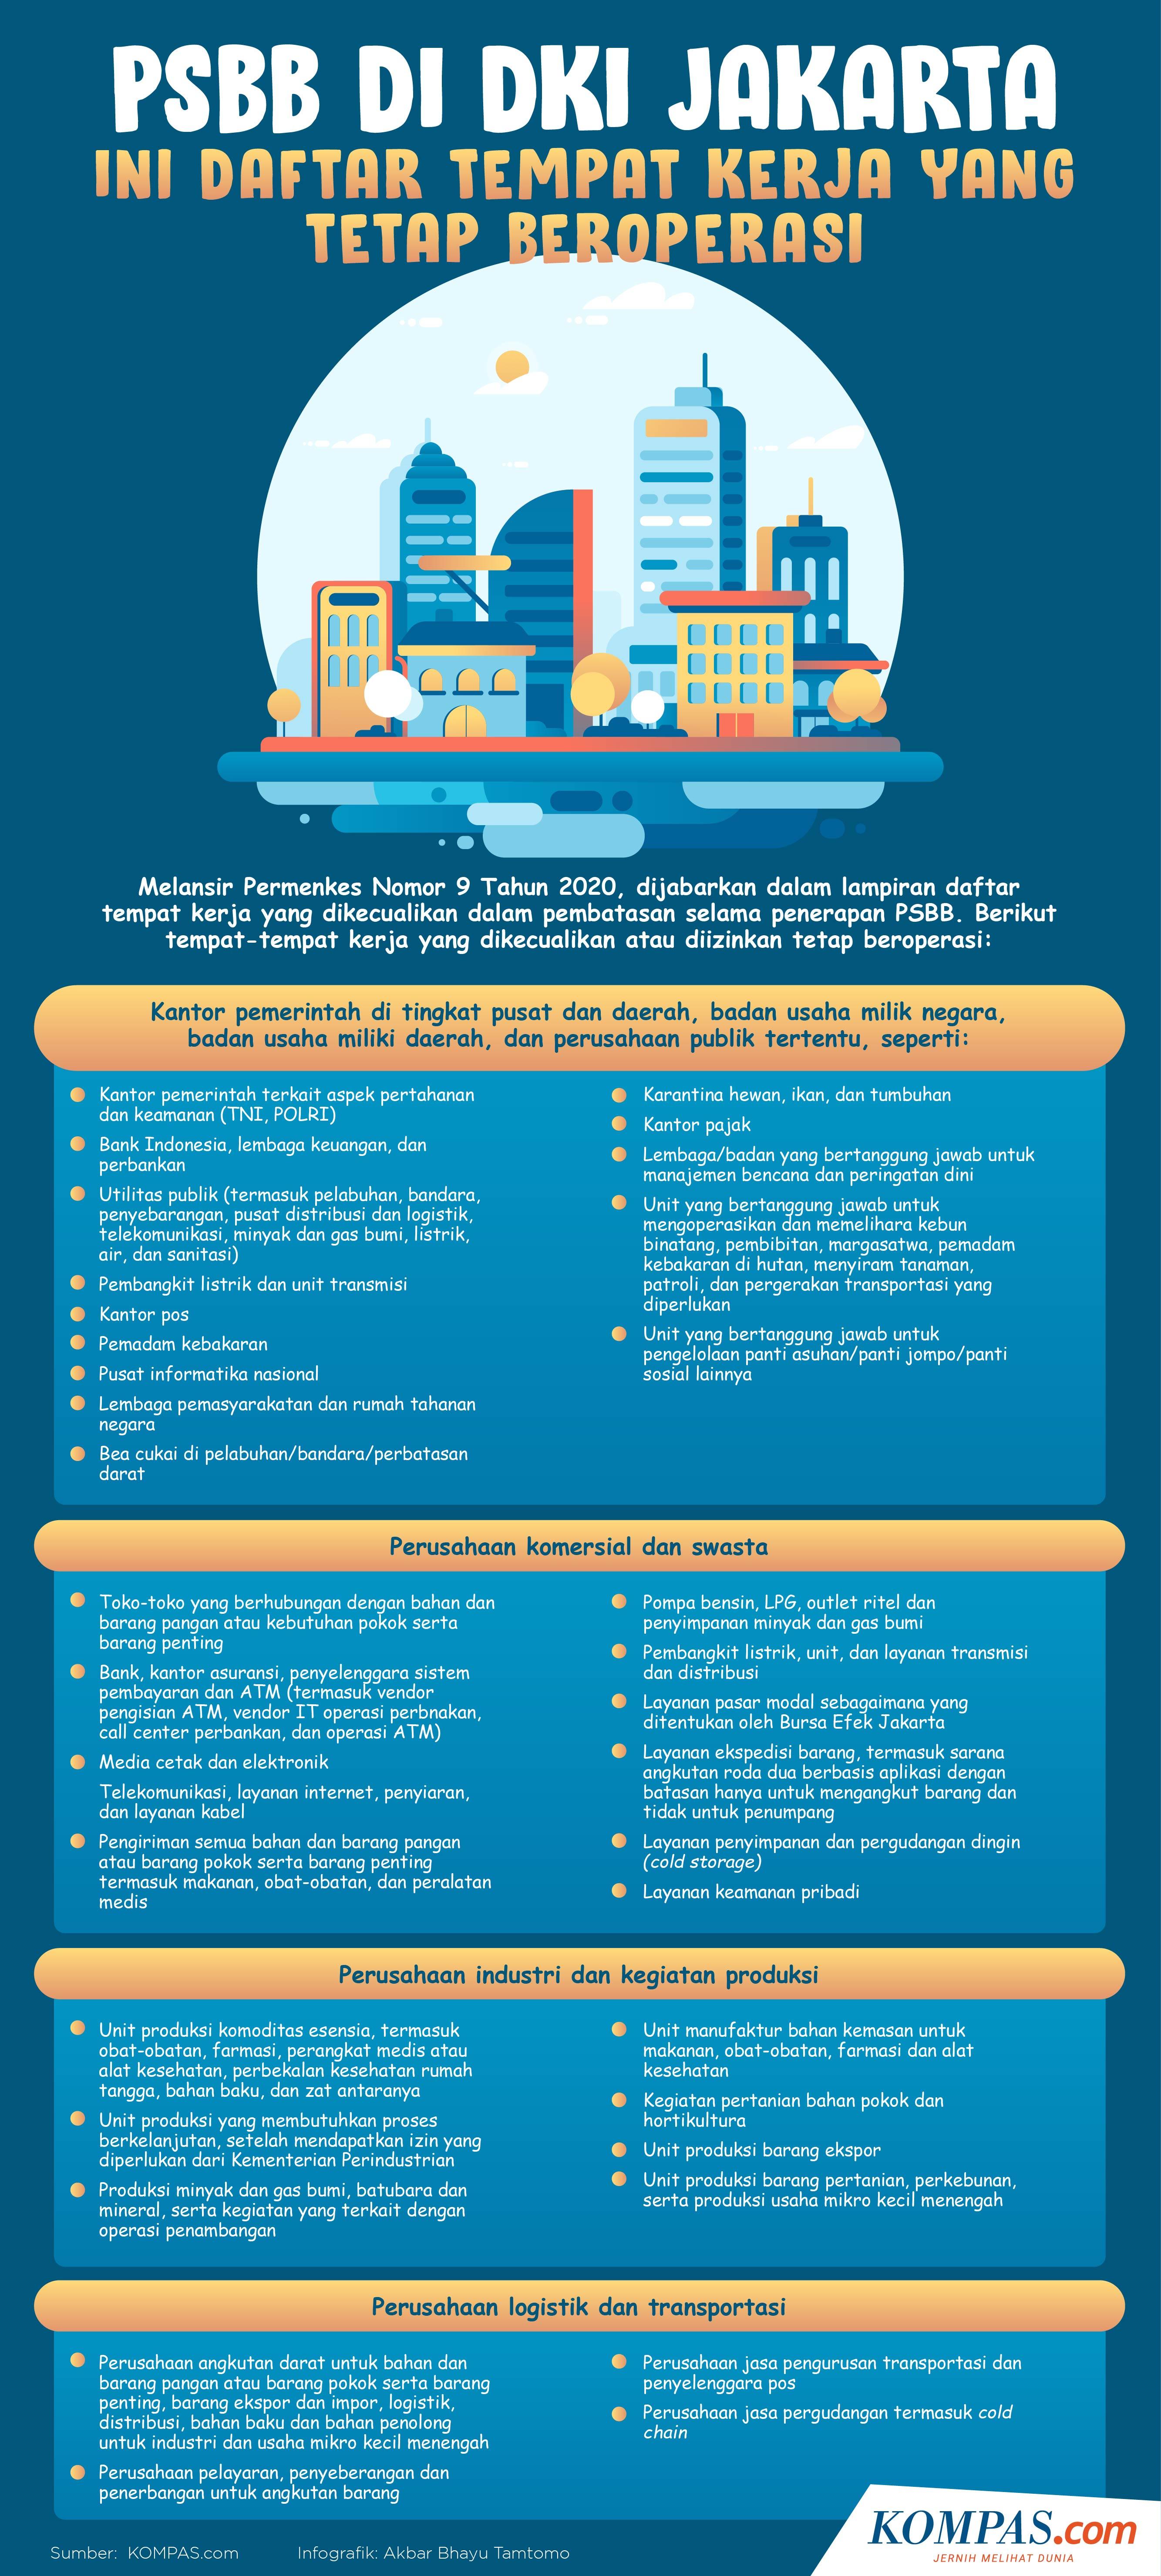 Infografik Psbb Dki Jakarta Ini Daftar Tempat Kerja Yang Tetap Beroperasi